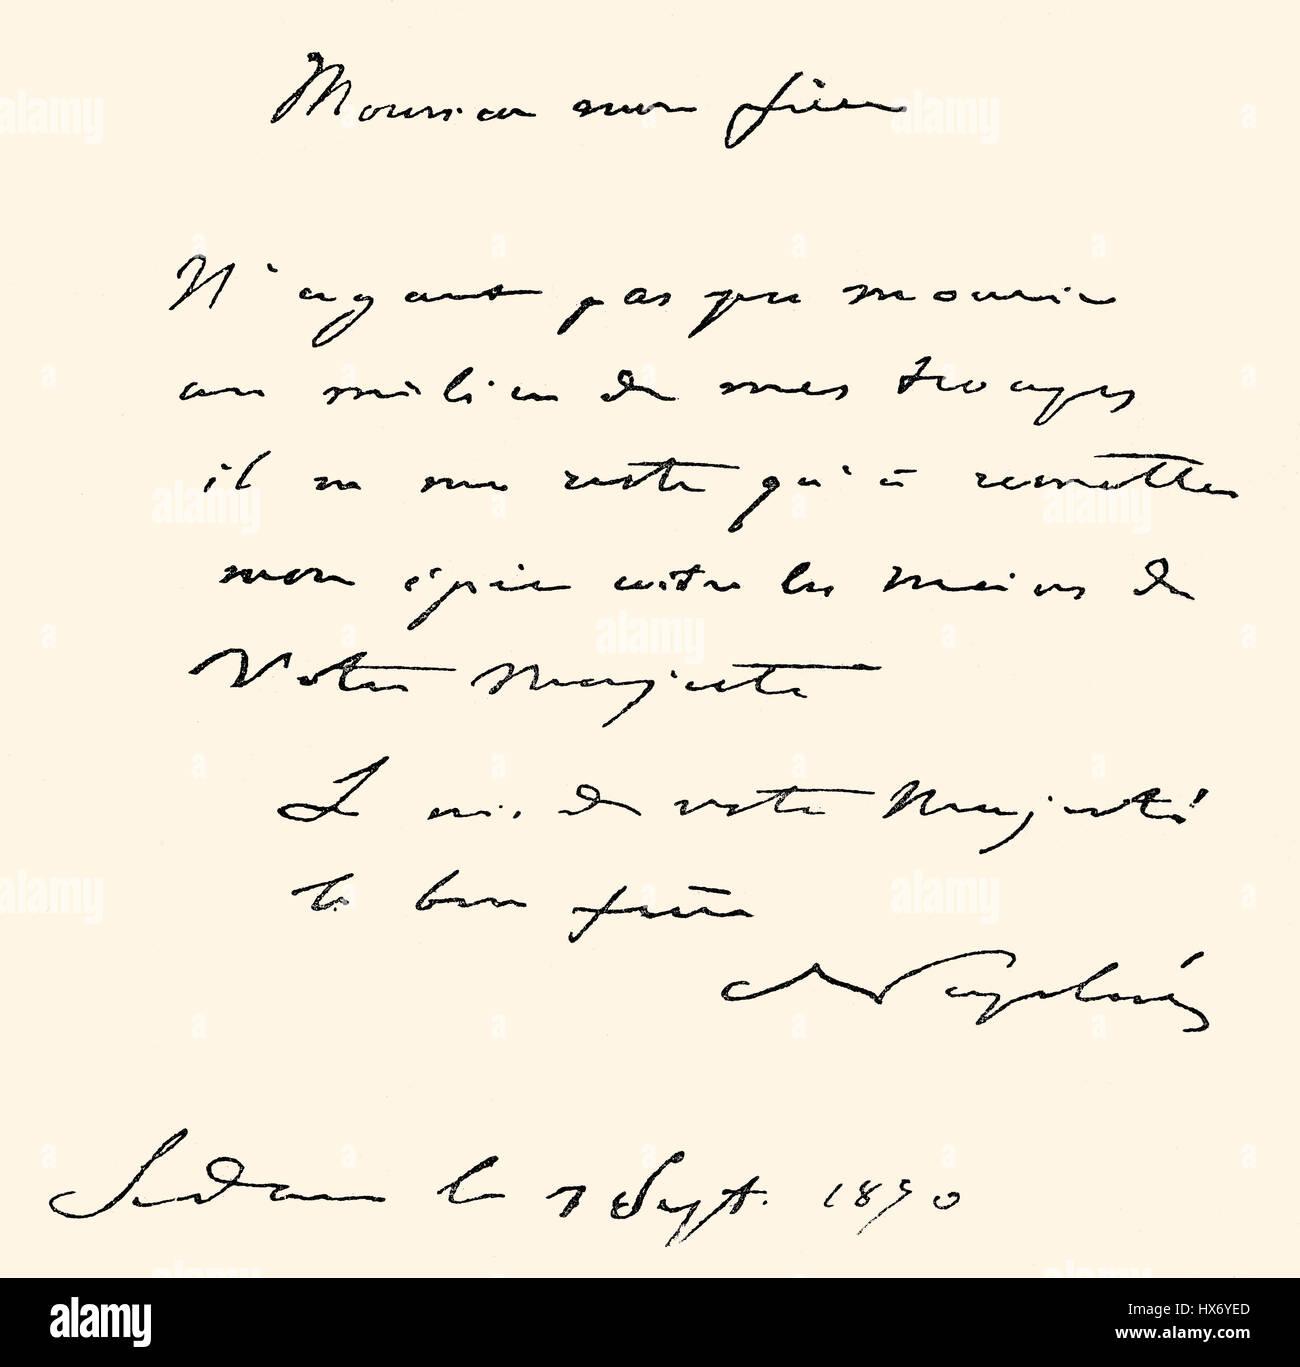 Carta manuscrita por Napoleón III a Guillermo I tras la Batalla de Sedán, 1870 Imagen De Stock